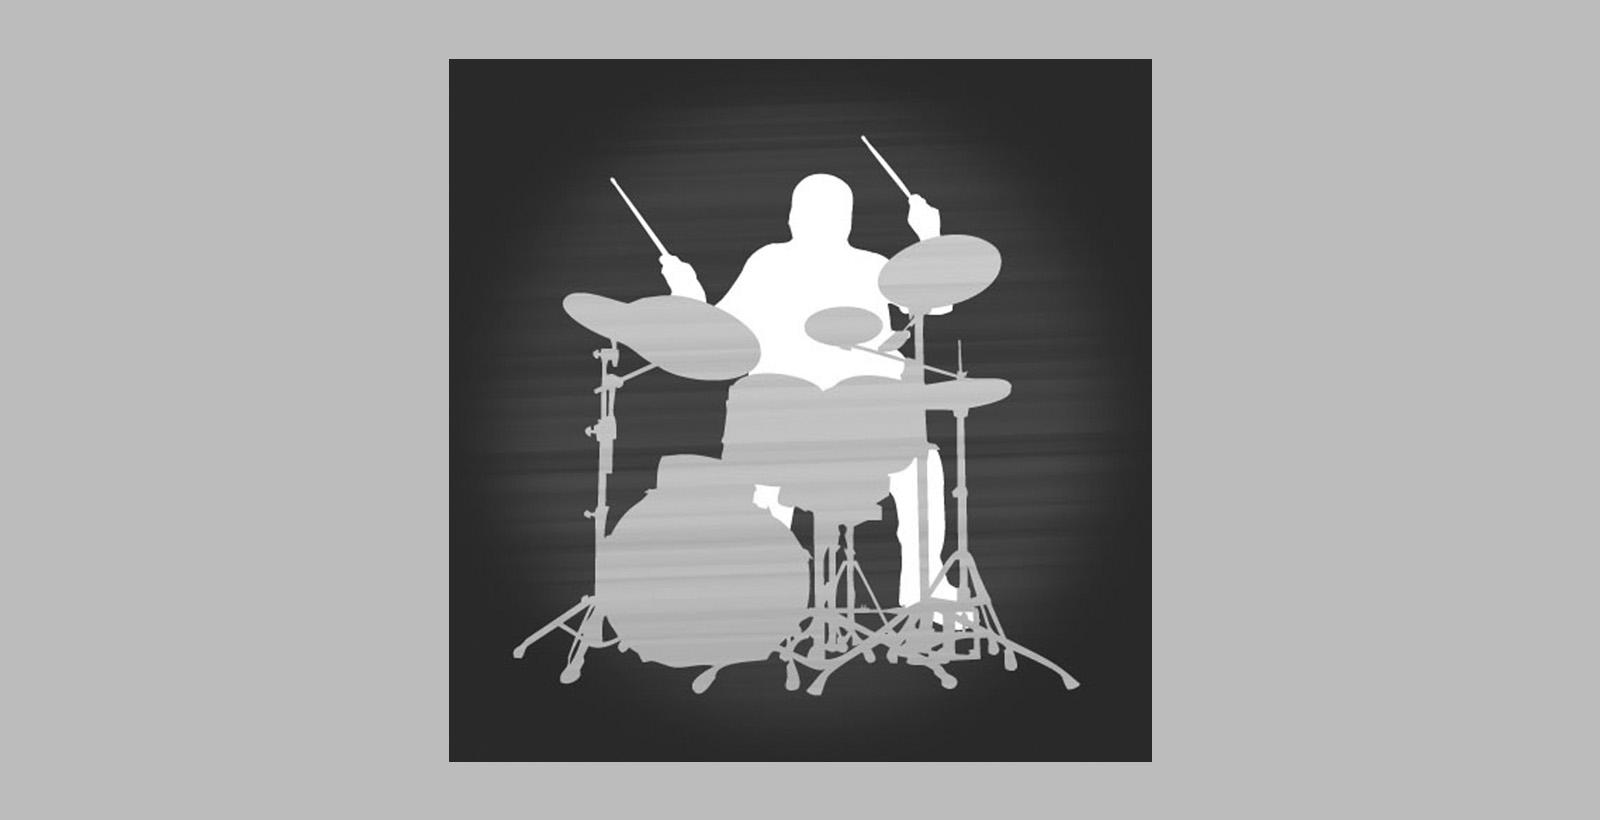 Schlagzeug lernen mit den Online Lessons By Drumdrive